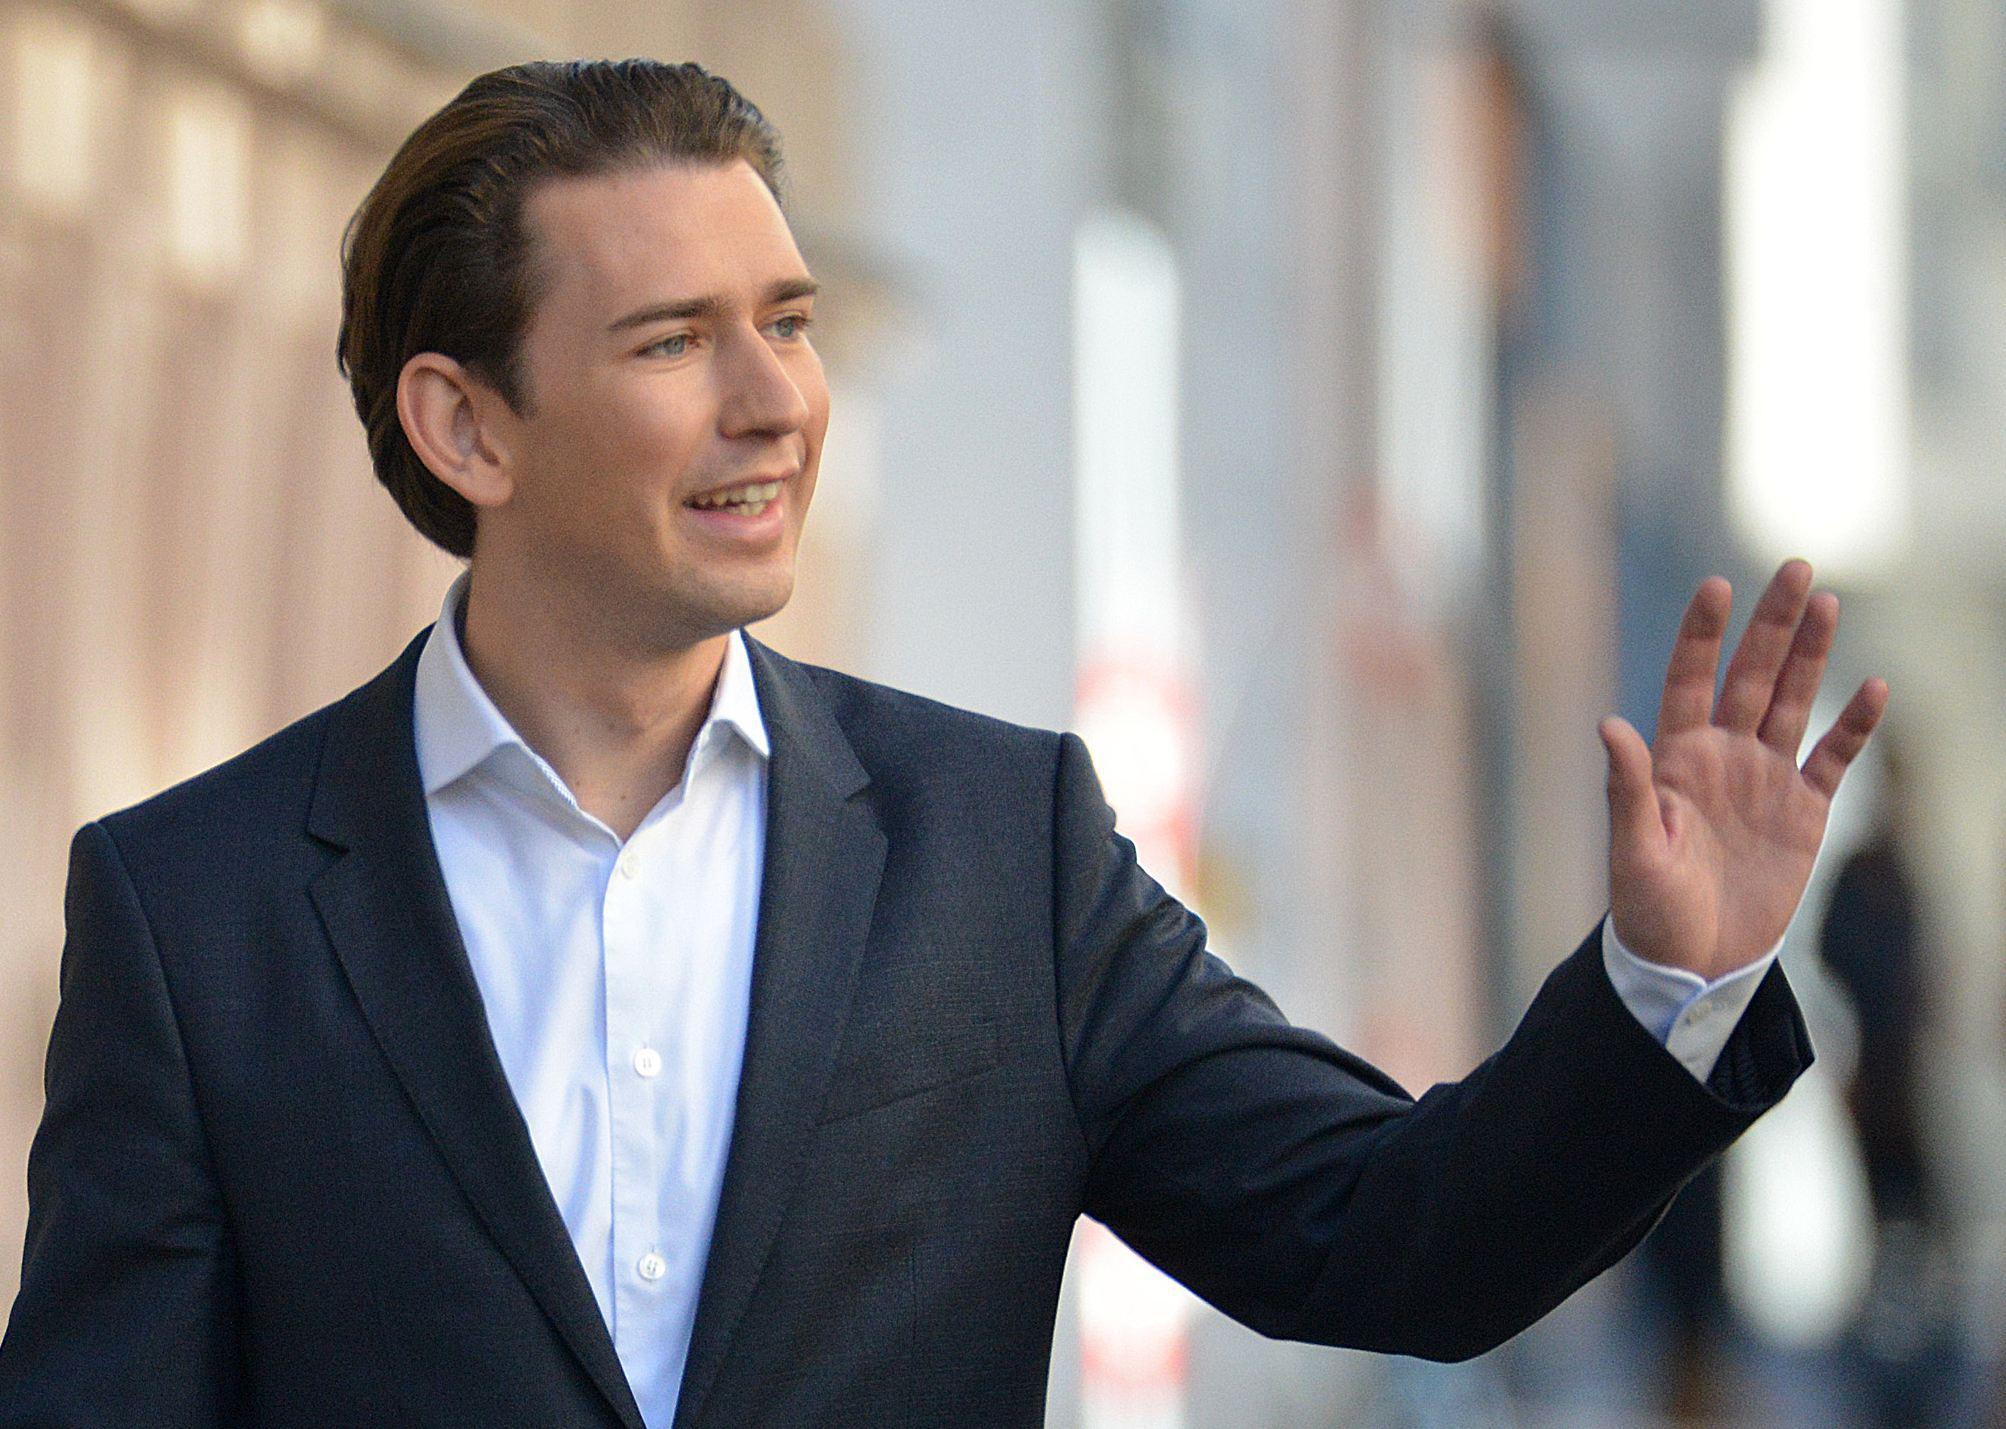 Formaţiunea de extremă-dreapta Partidul Libertăţii (FPÖ) revine la putere în Austria/Sebastian Kurz devine cel mai tânăr şef de guvern din Europa